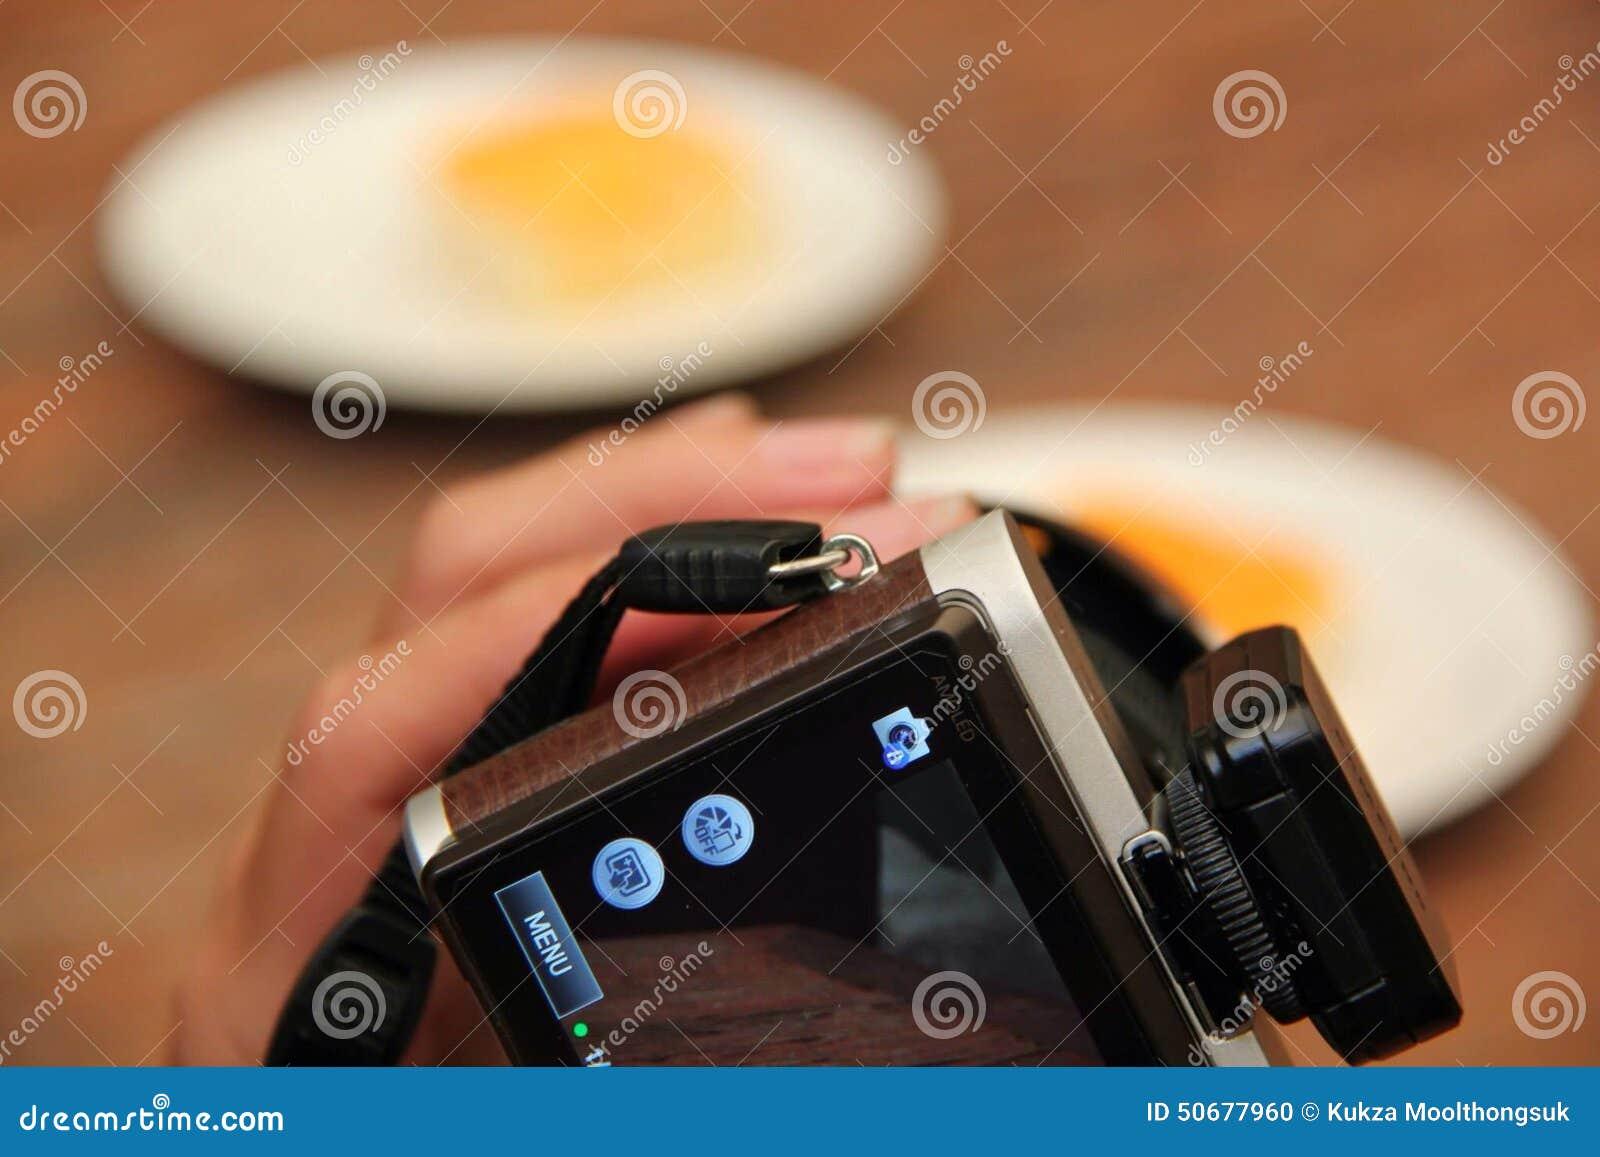 Download 拍照片 编辑类图片. 图片 包括有 快门, 了解, 照相机, 作为, 使用, 蓝蓝, 照片 - 50677960